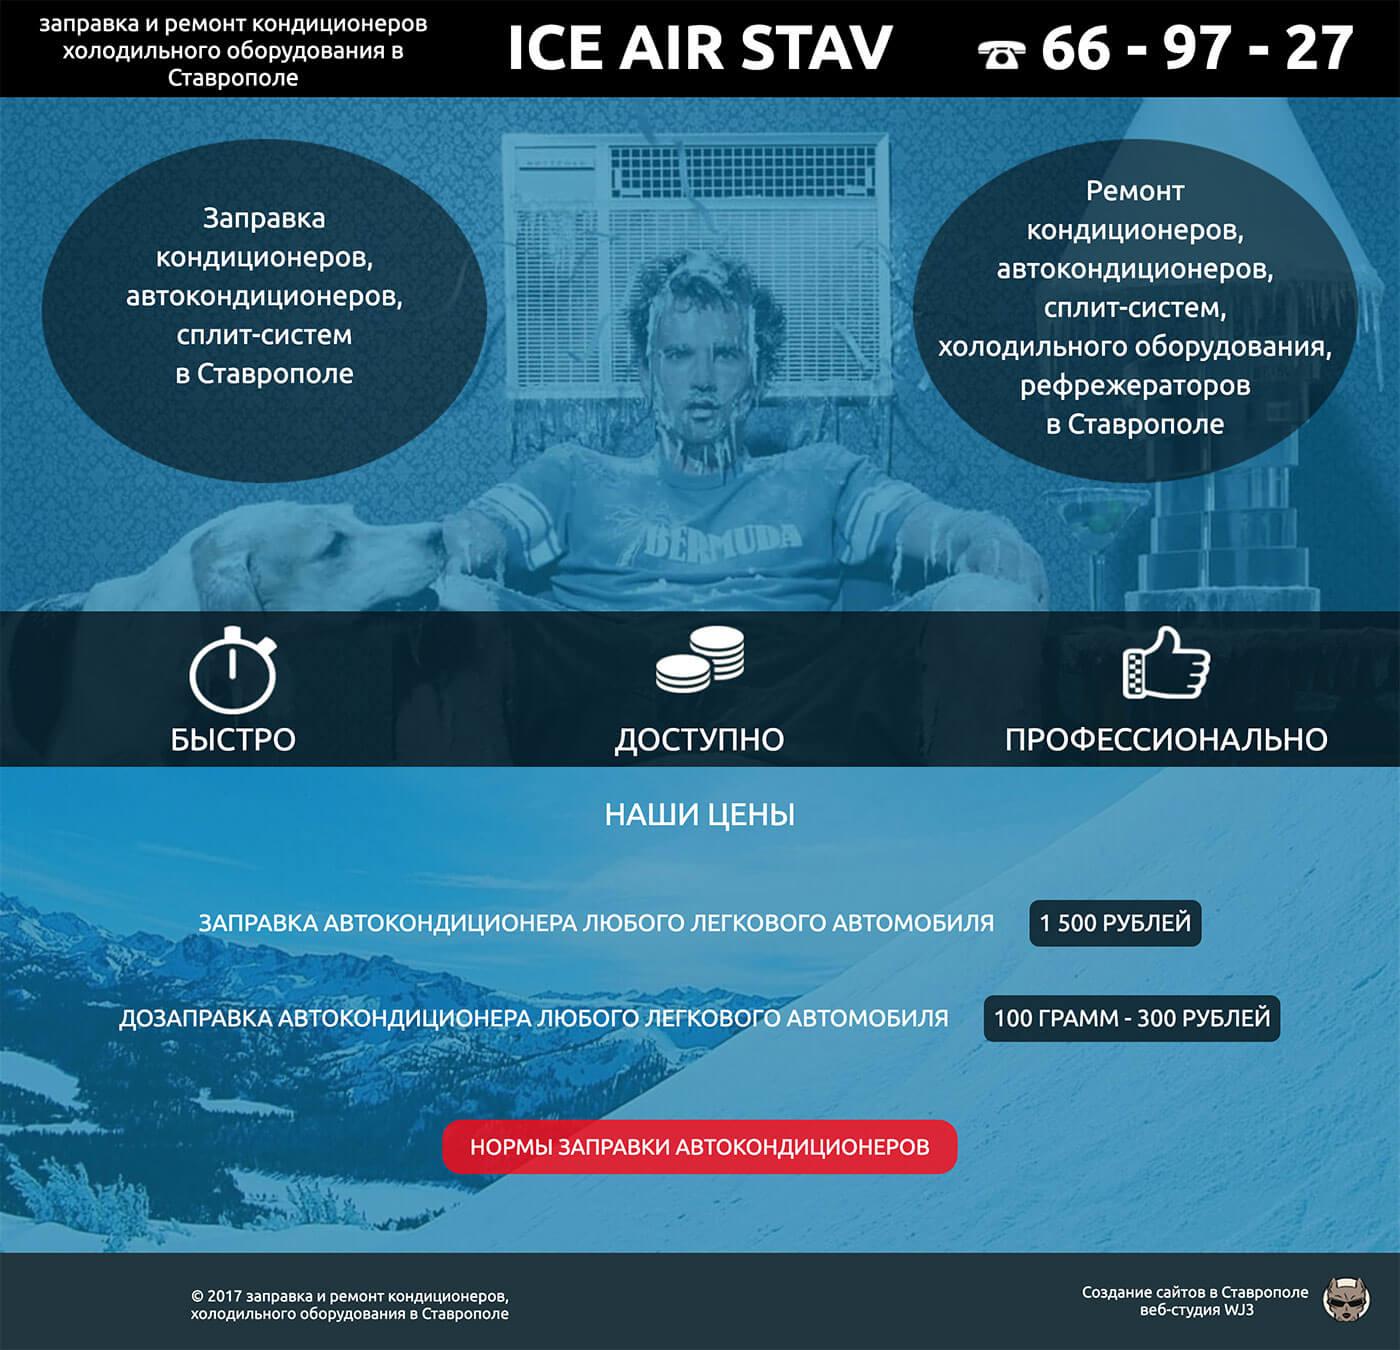 Сайт автосервиса в Ставрополе